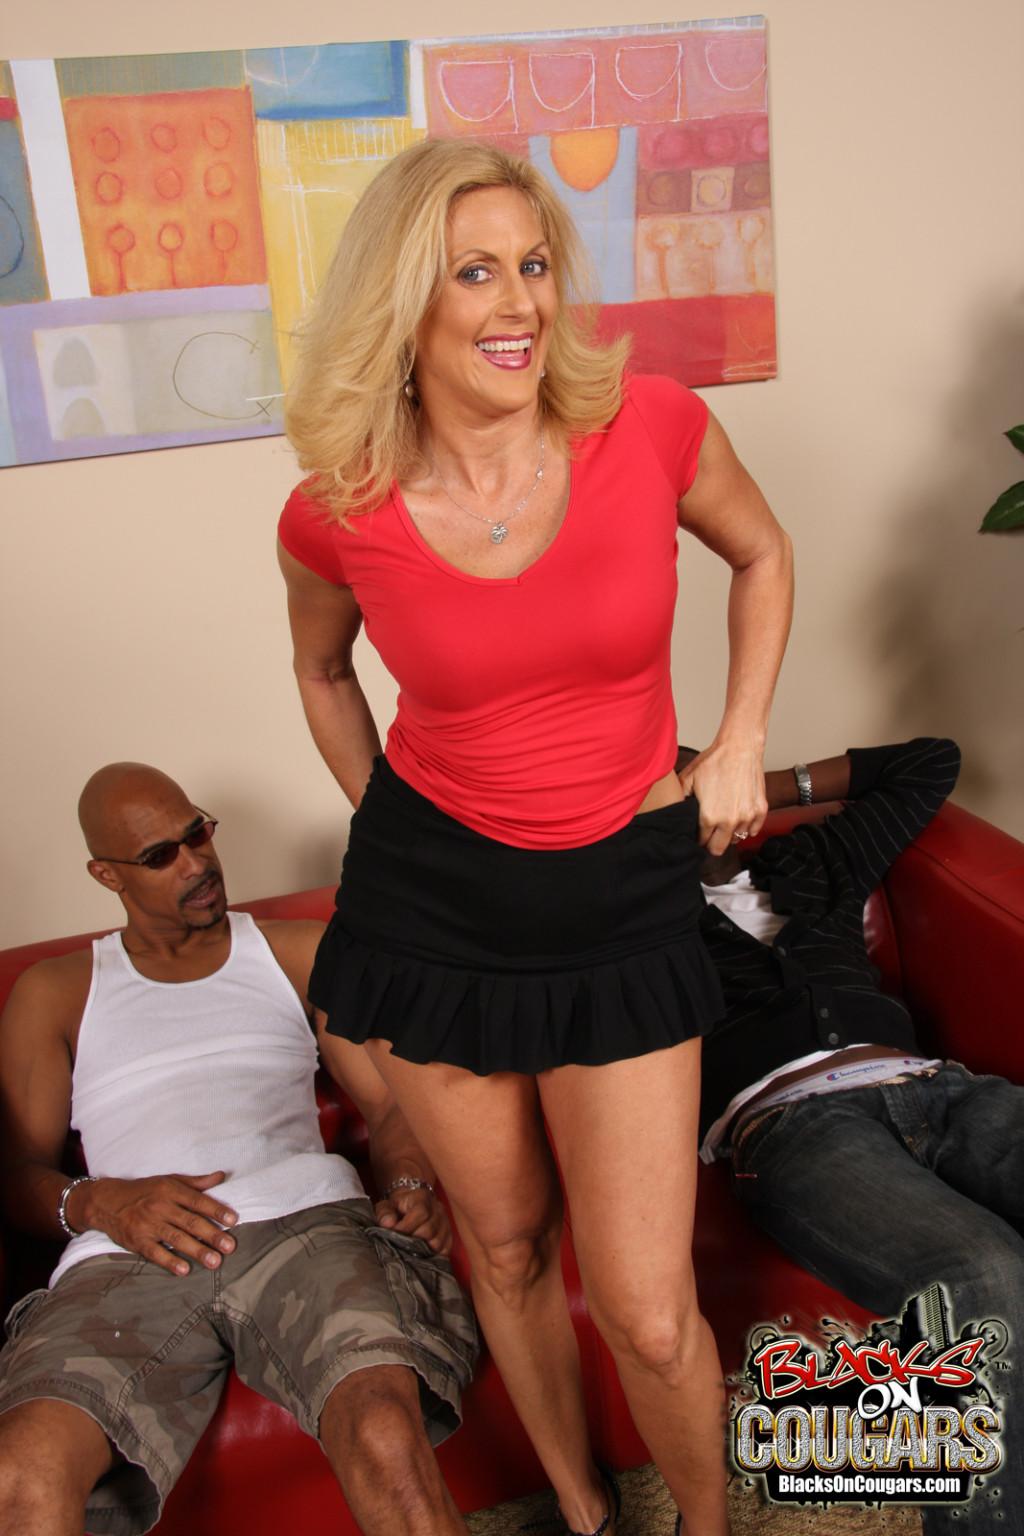 Erotic hot blonde sex video